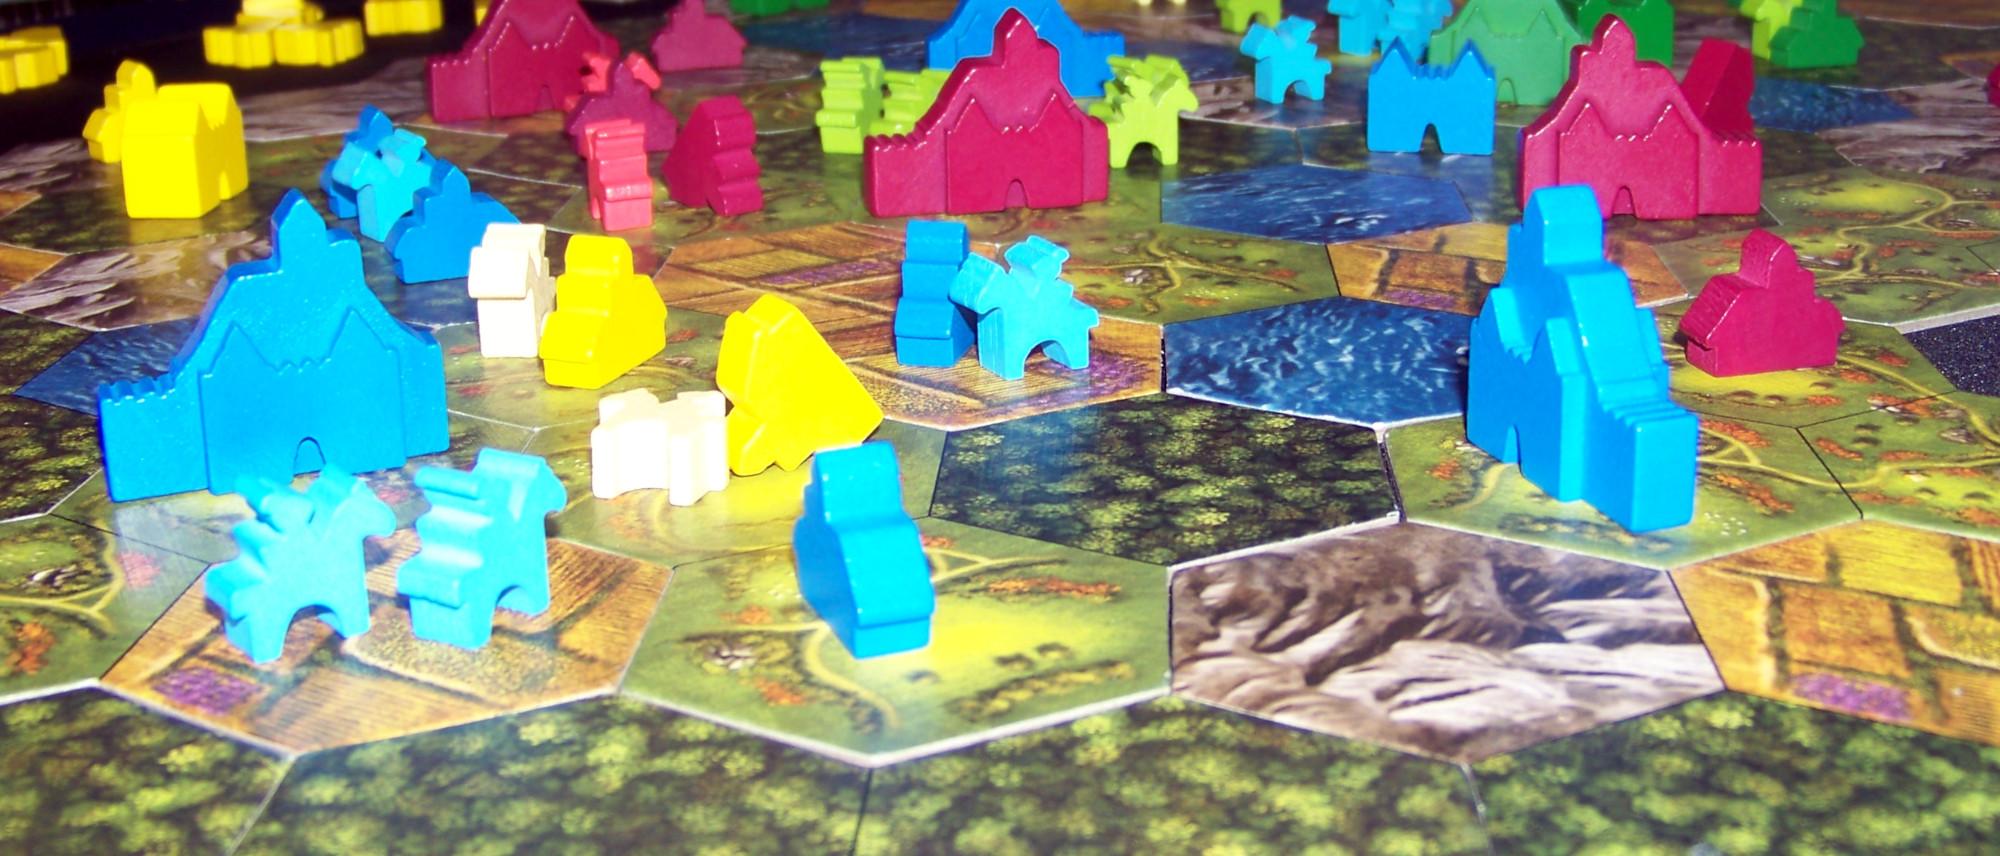 Detalle de las maderitas sobre el tablero del juego de mesa Barony.